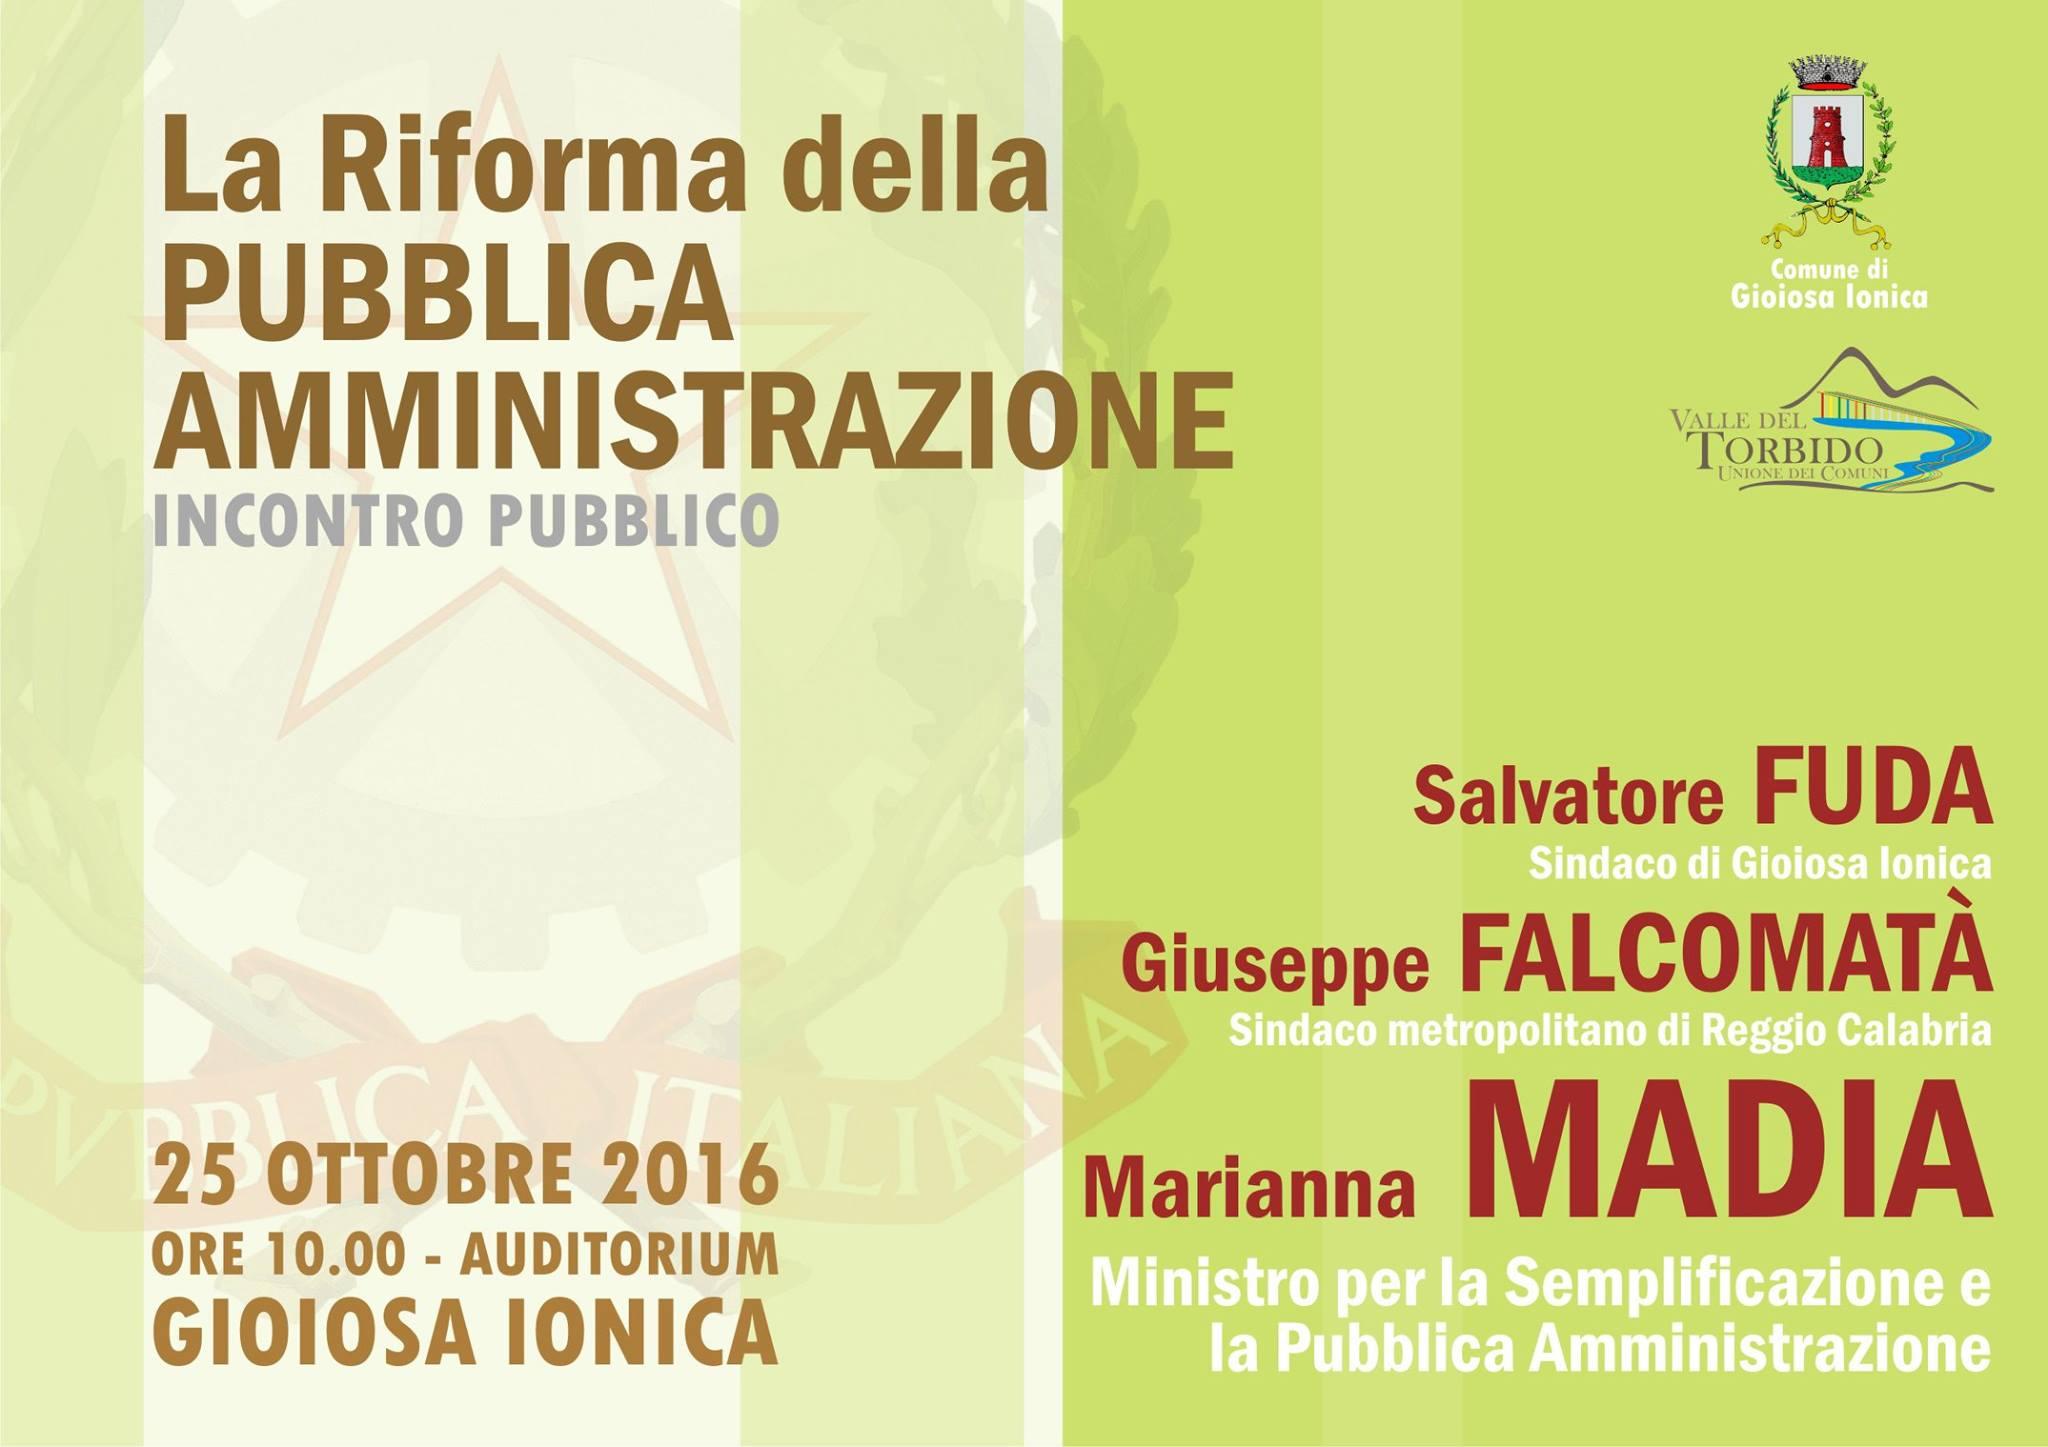 locandina-riforma-della-pubblica-amministrazione